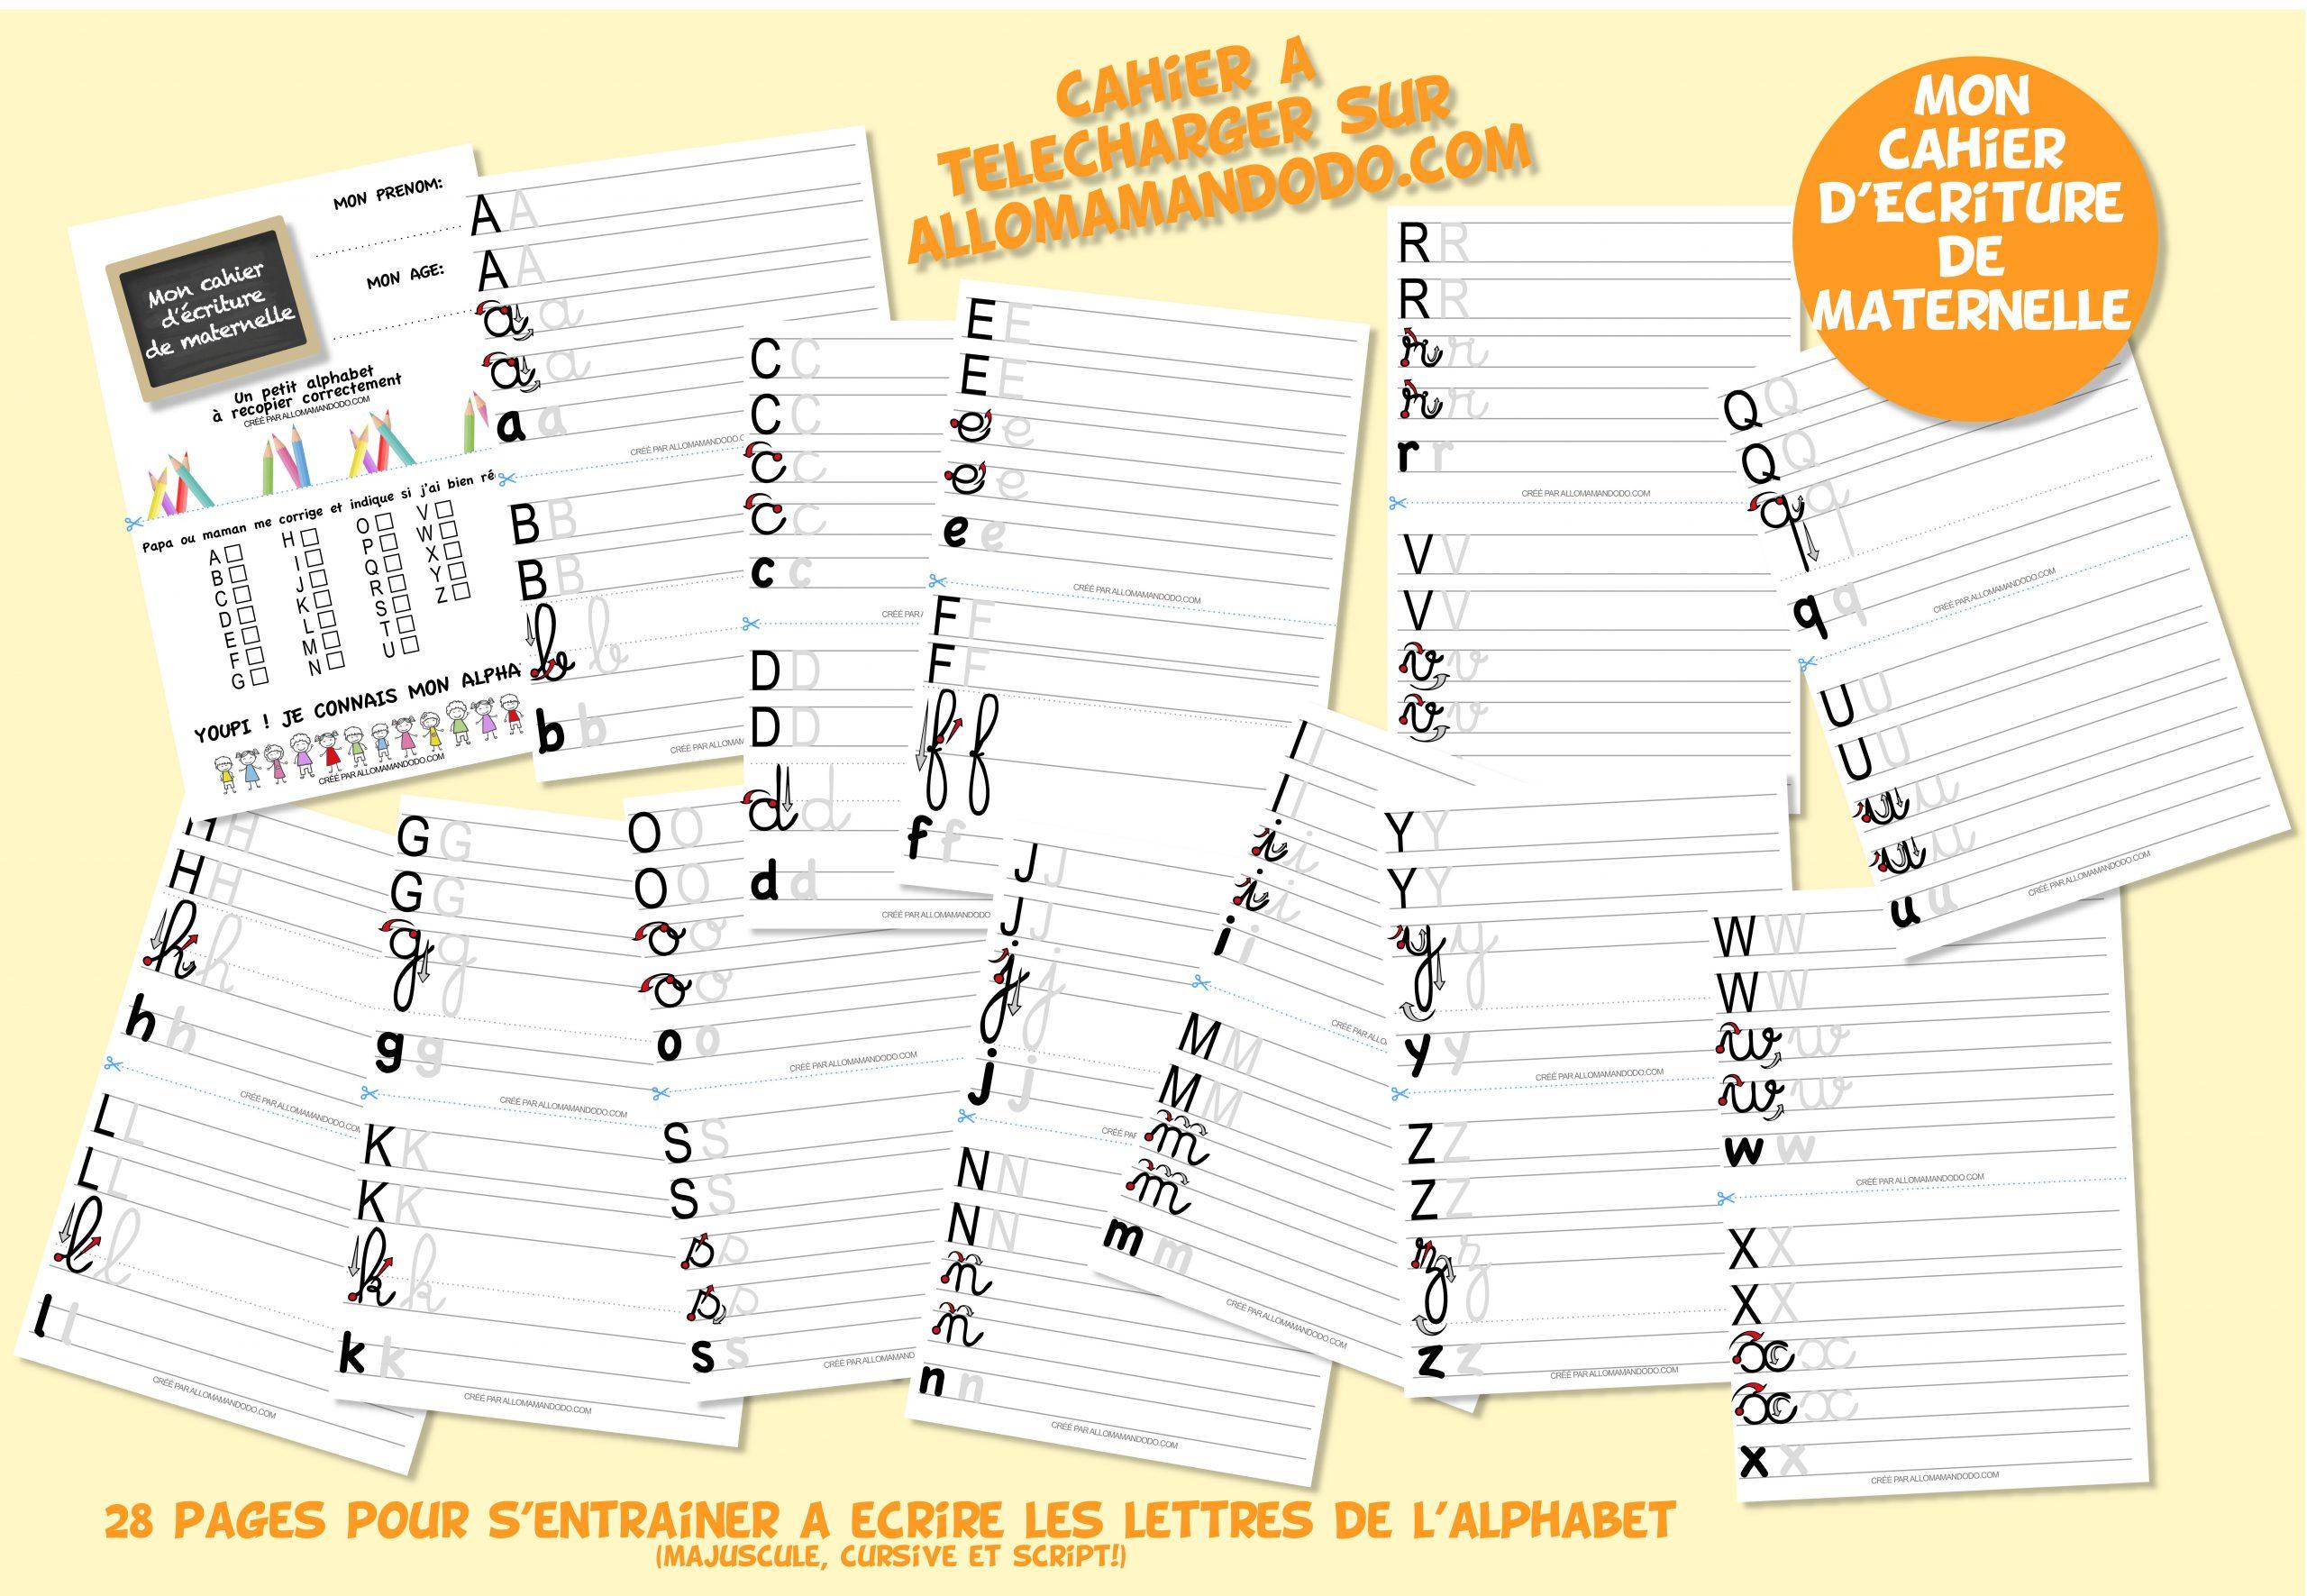 Le Cahier D'écriture De Maternelle À Télécharger ( Gratuit dedans Cahier De Vacances Moyenne Section A Imprimer